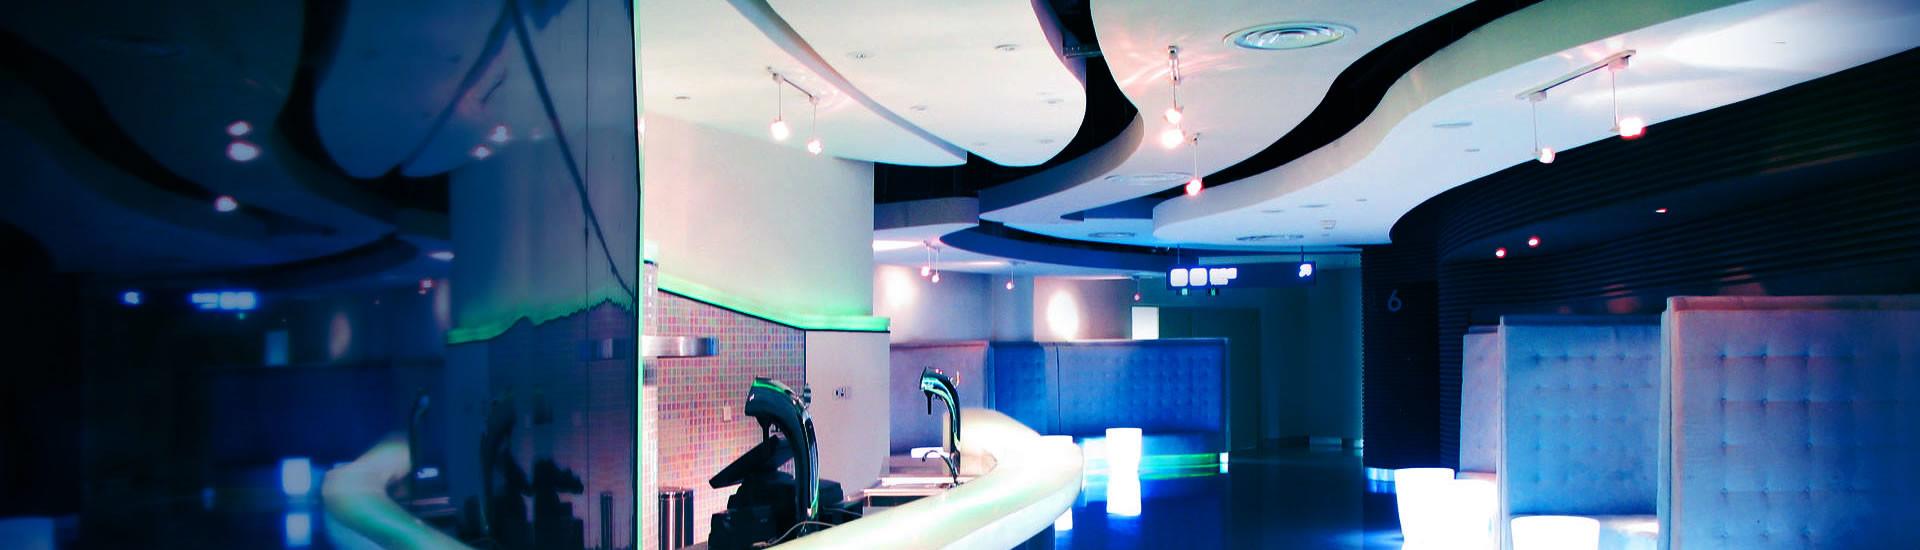 iluminacao-led-slide01